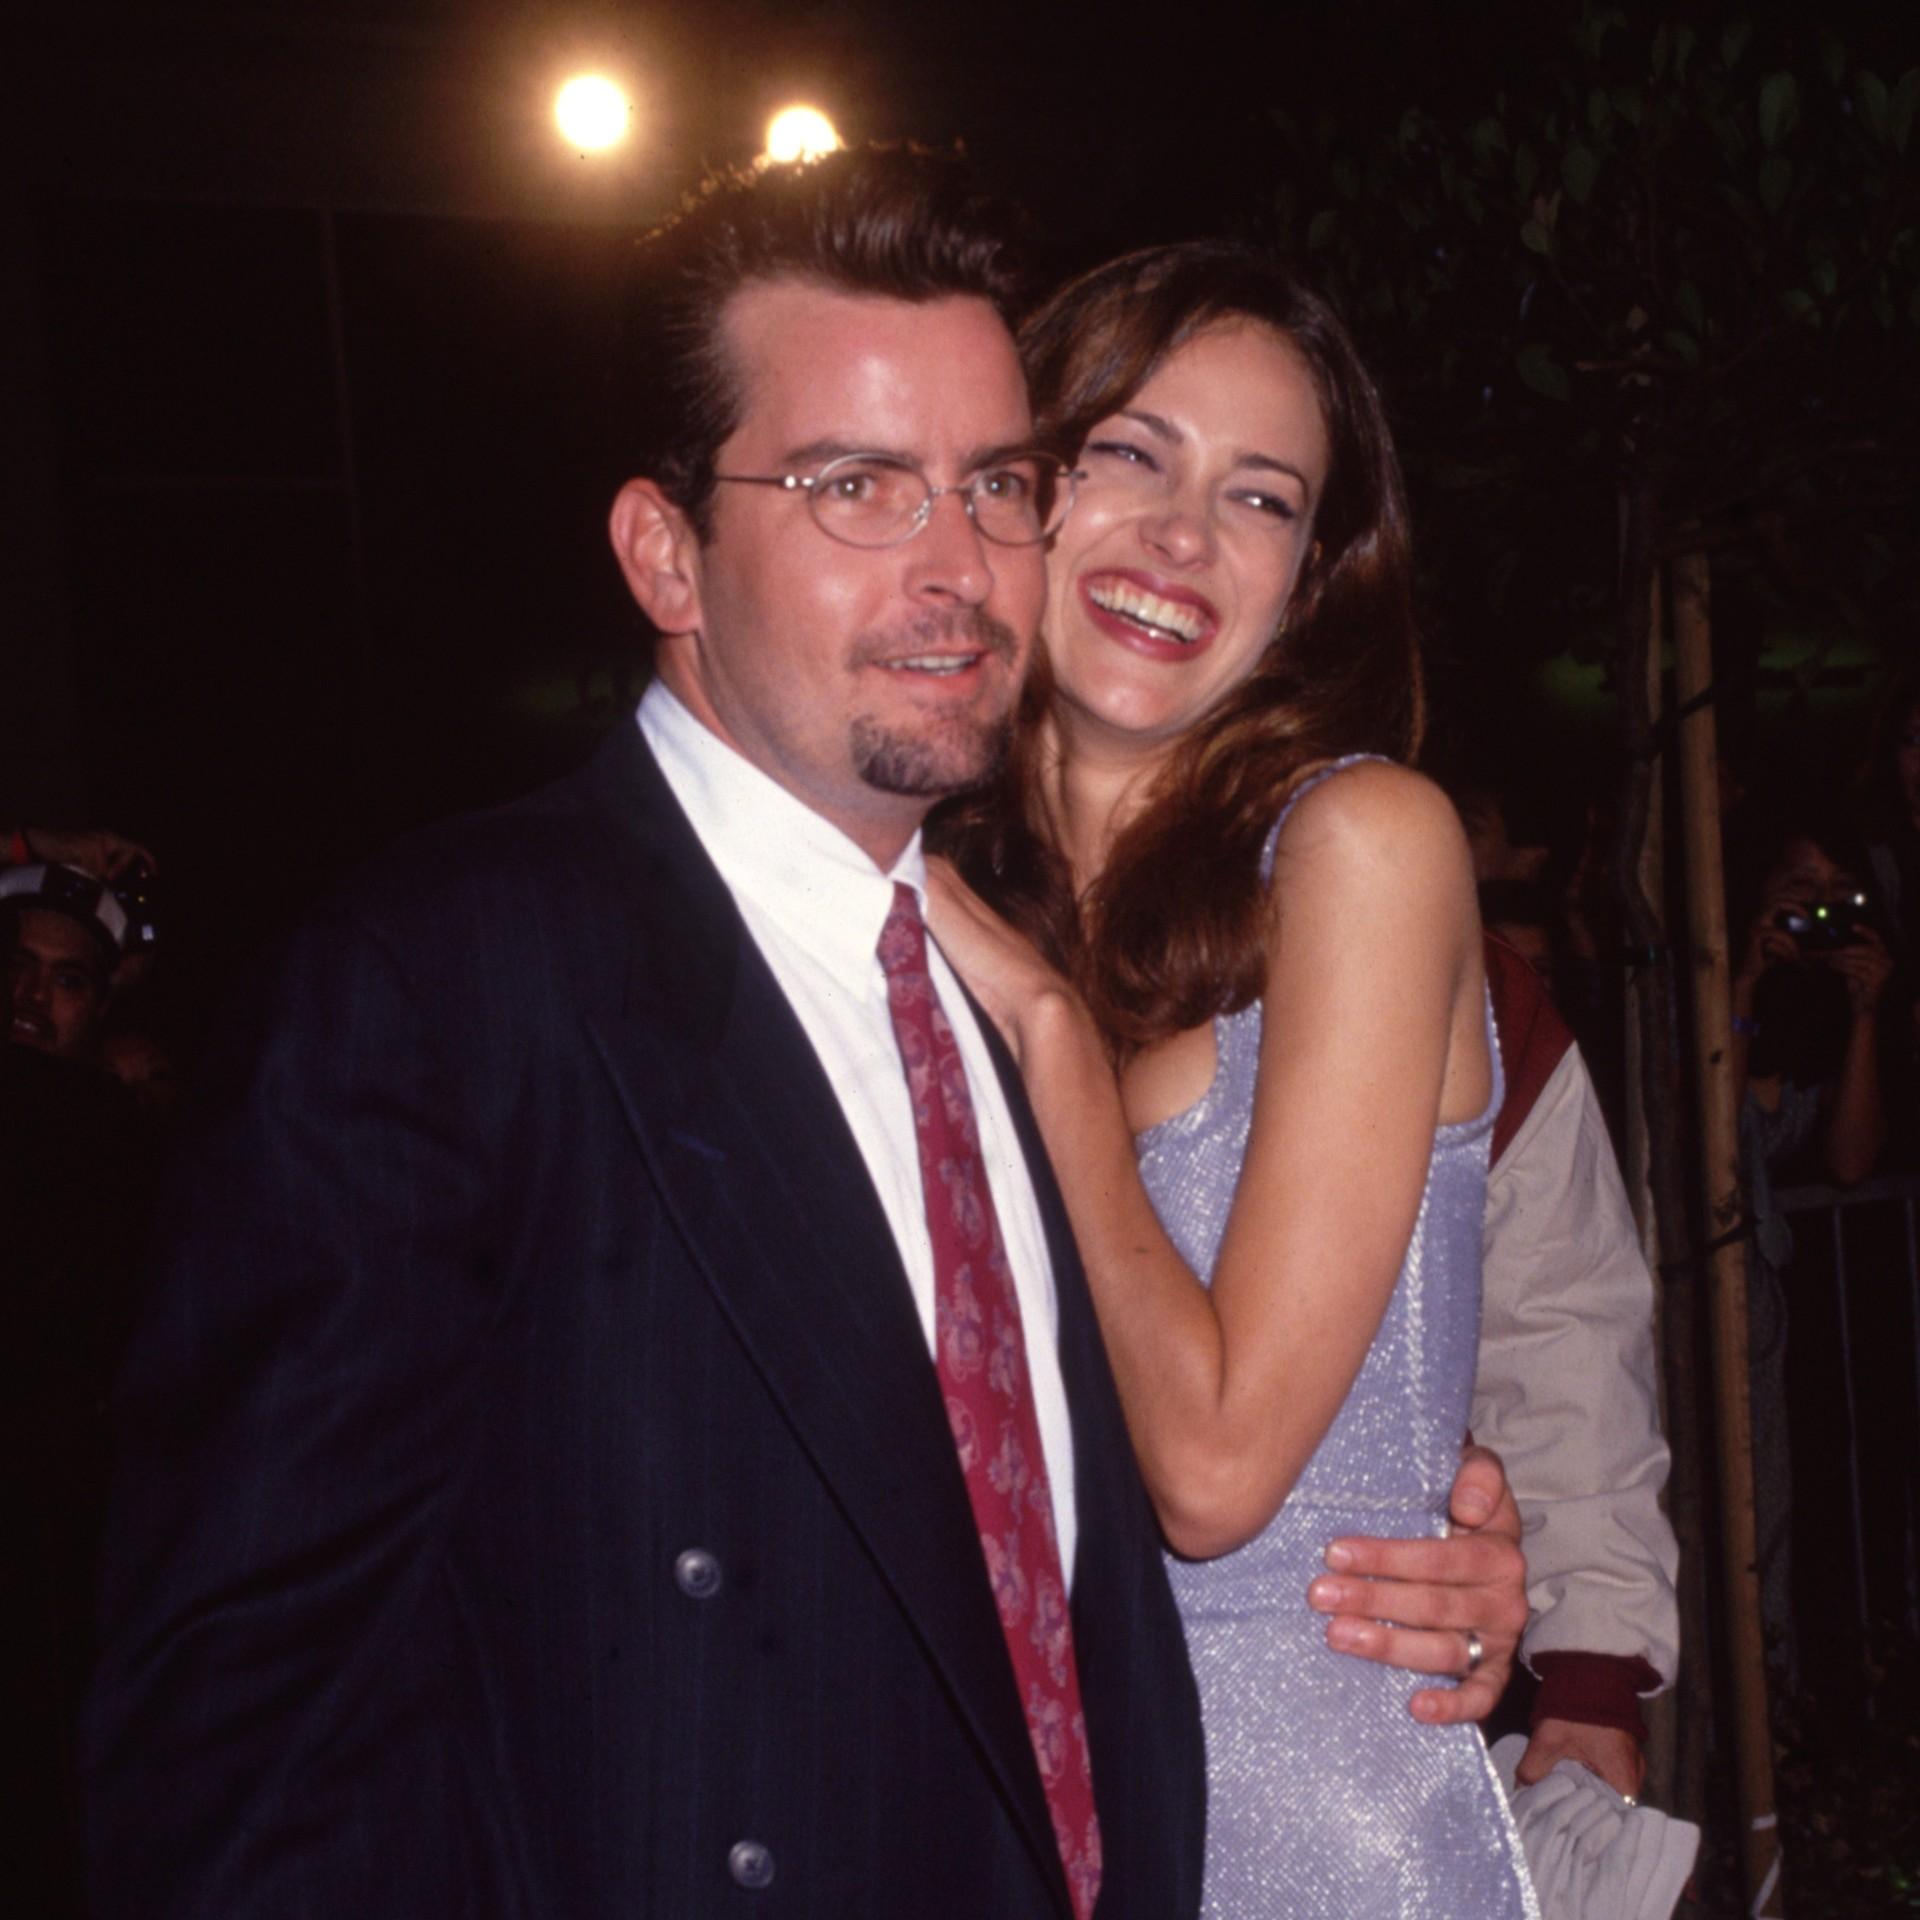 Charlie Sheen, hoje com 48 anos de idade, se casou com uma modelo chamada Donna Peele em setembro de 1995. Cinco meses depois, já estavam separados. (Foto: Getty Images)